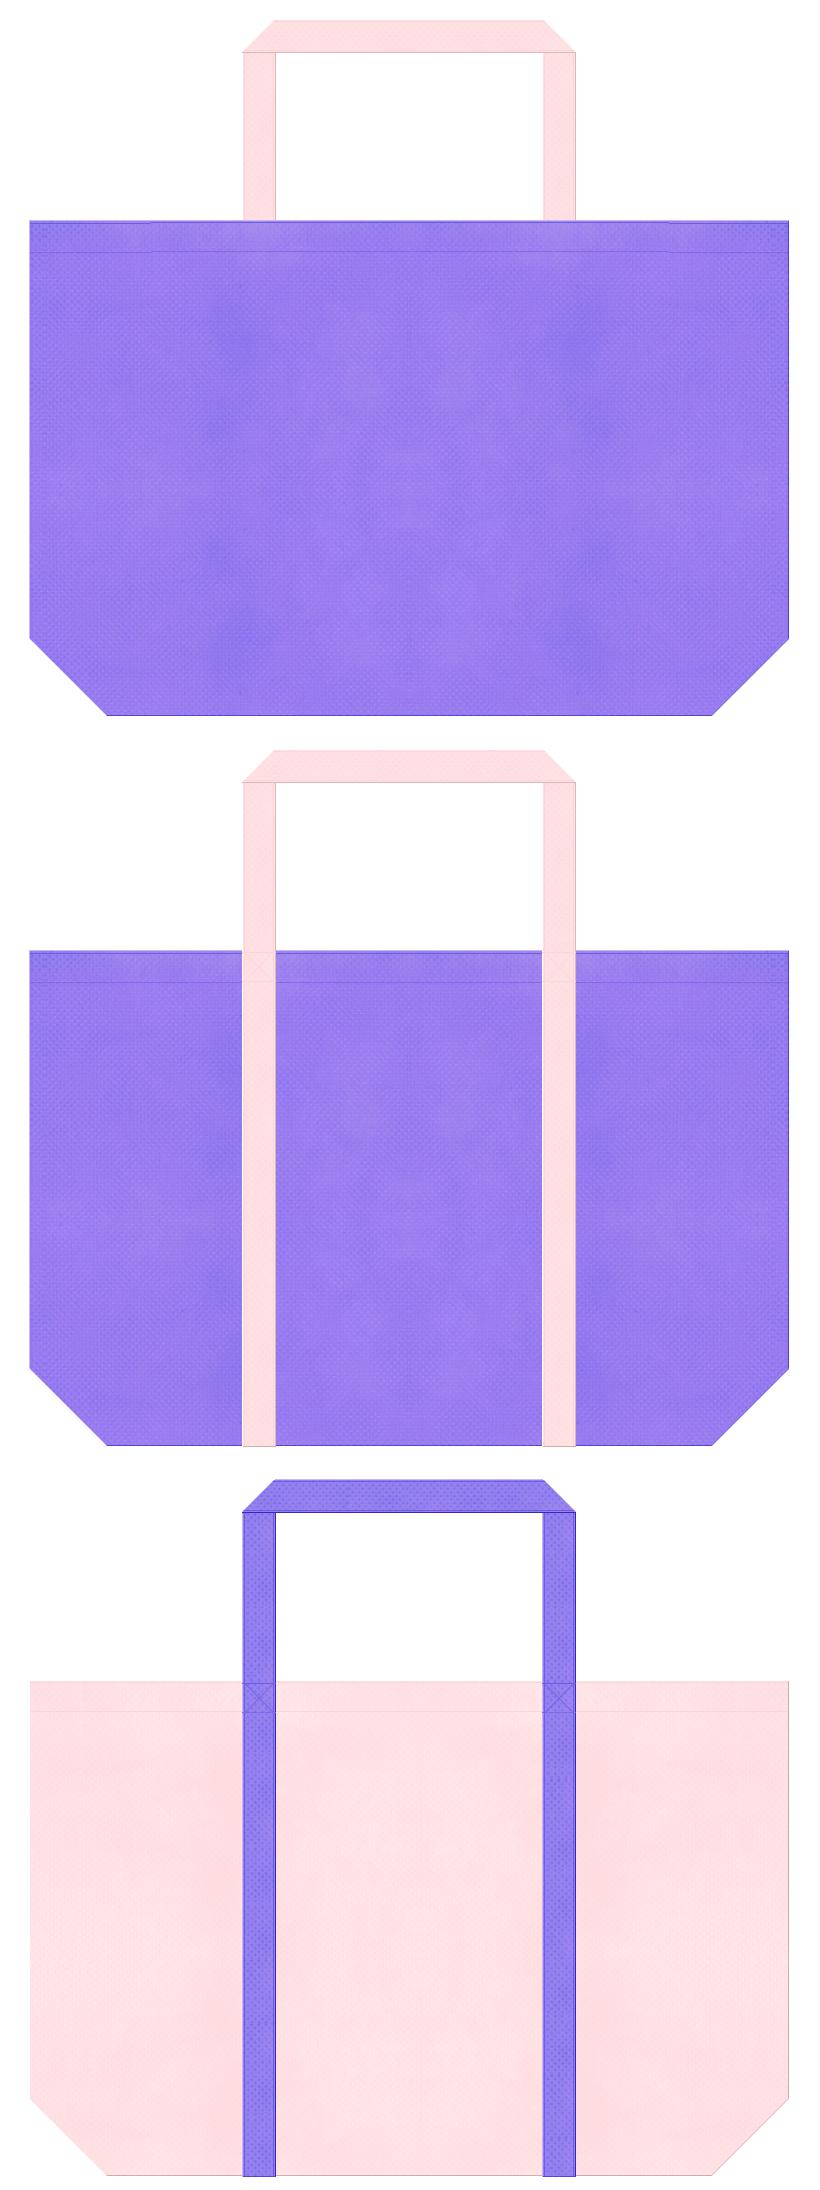 薄紫色と桜色の不織布バッグデザイン。福祉用具・介護用品のショッピングバッグにお奨めです。